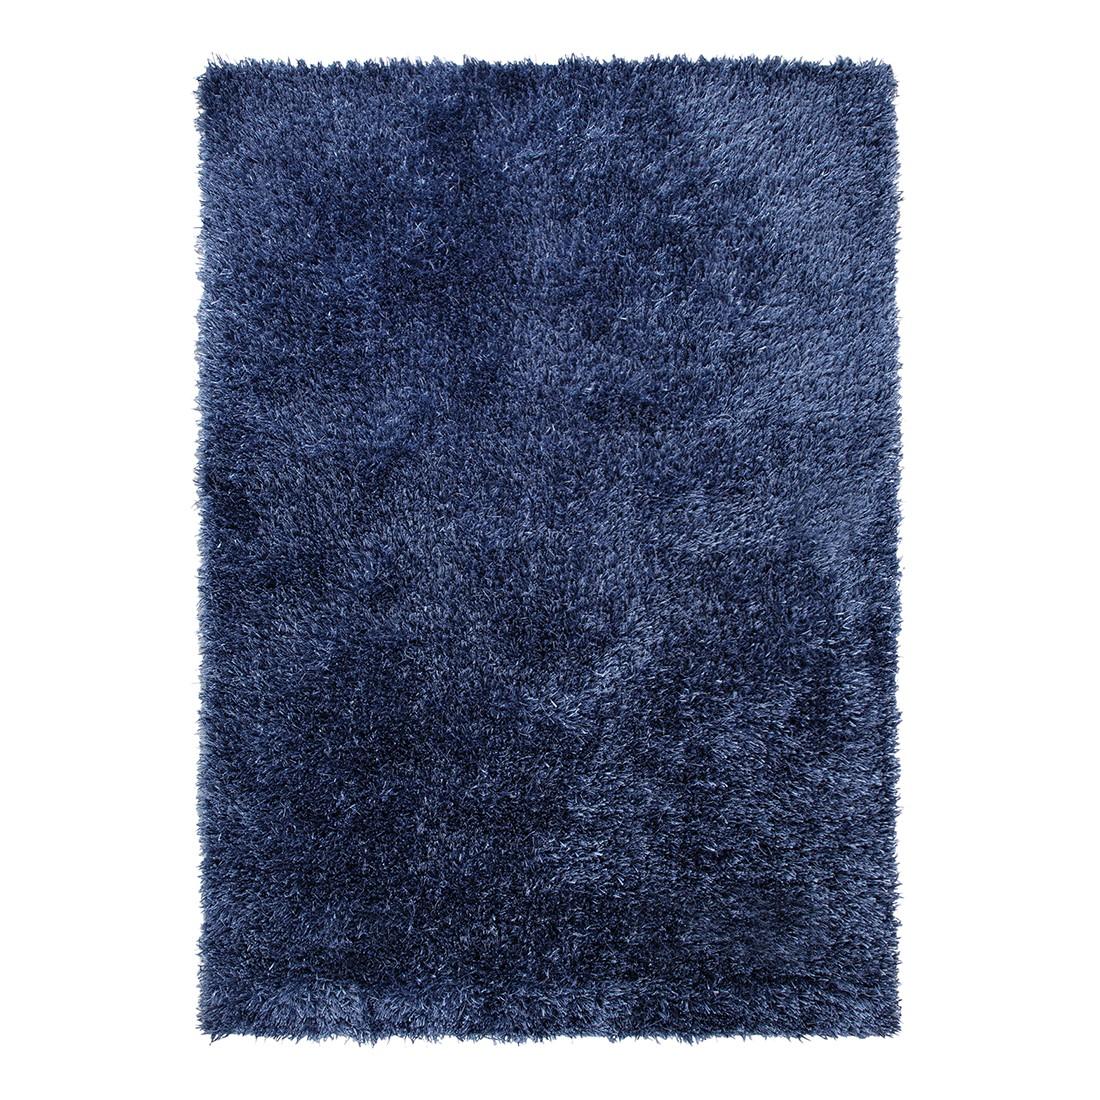 Teppich Cool Glamour – Blau – 200 cm x 300 cm, Esprit Home online kaufen